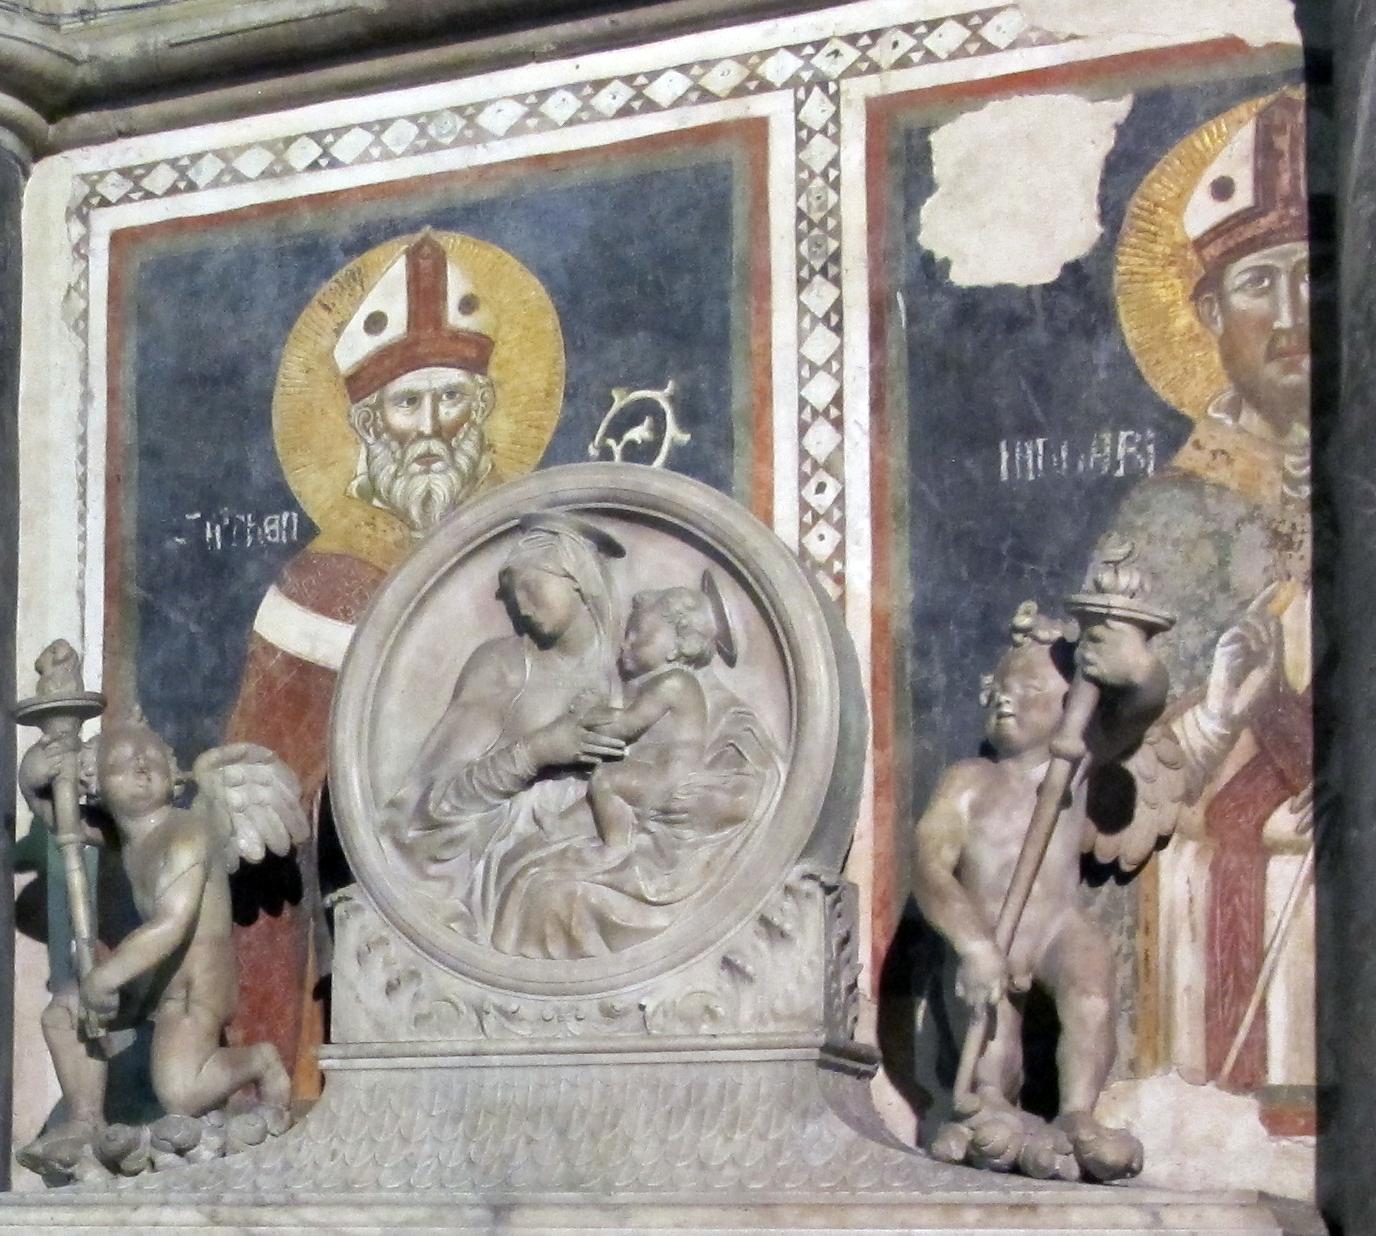 https://upload.wikimedia.org/wikipedia/commons/2/2a/Cappella_tocco%2C_zoccolo_con_affreschi_di_pietro_cavallini_04%2C4.jpg